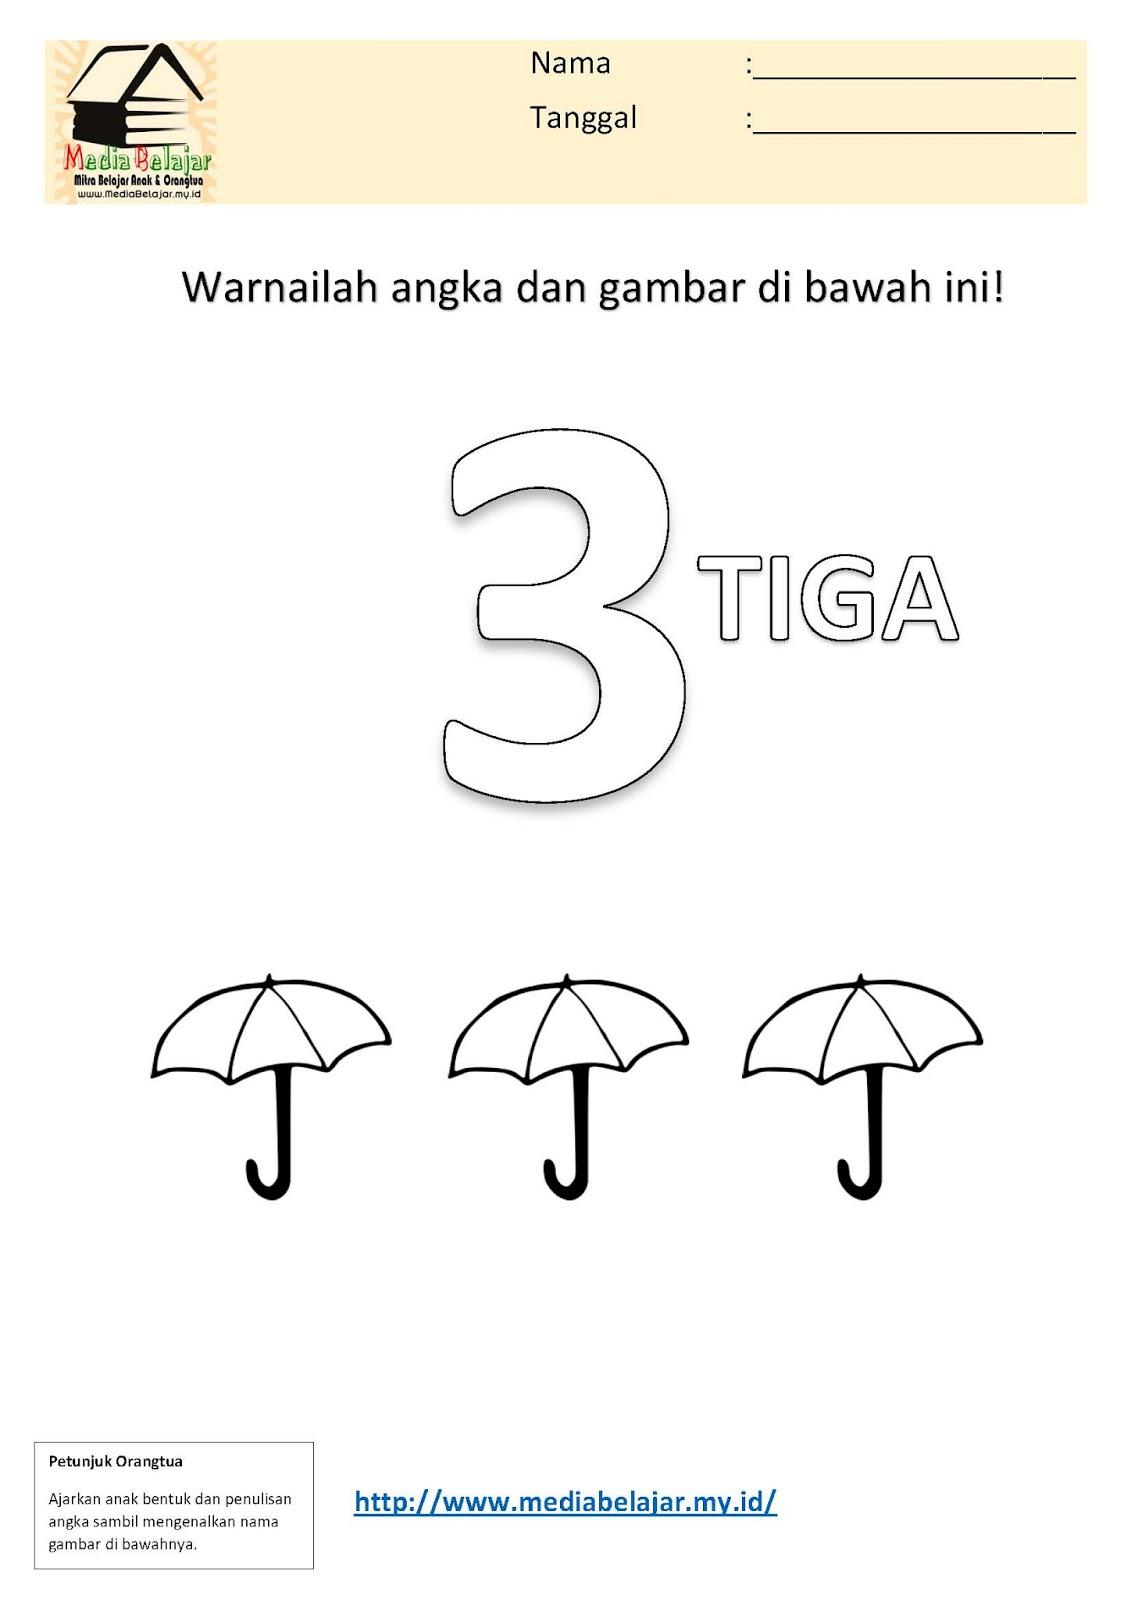 Dengan mengerjakan lembar kerja mewarnai angka 3 tiga dan mewarnai gambar payung ini diharapkan anak dapat melatih beberapa kemampuan dasar seperti